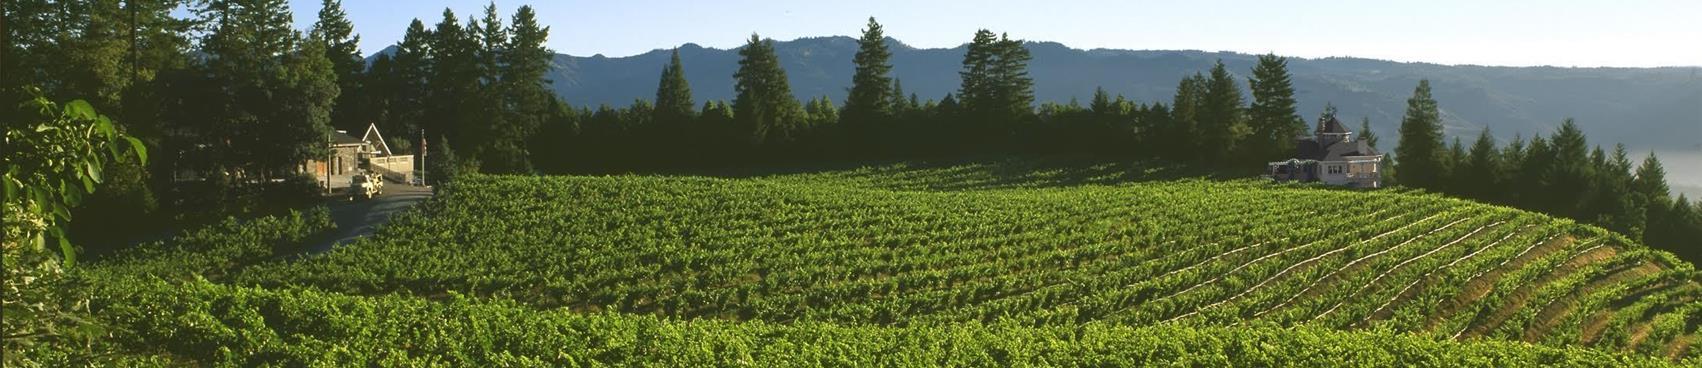 Schweiger Vineyards and Winery